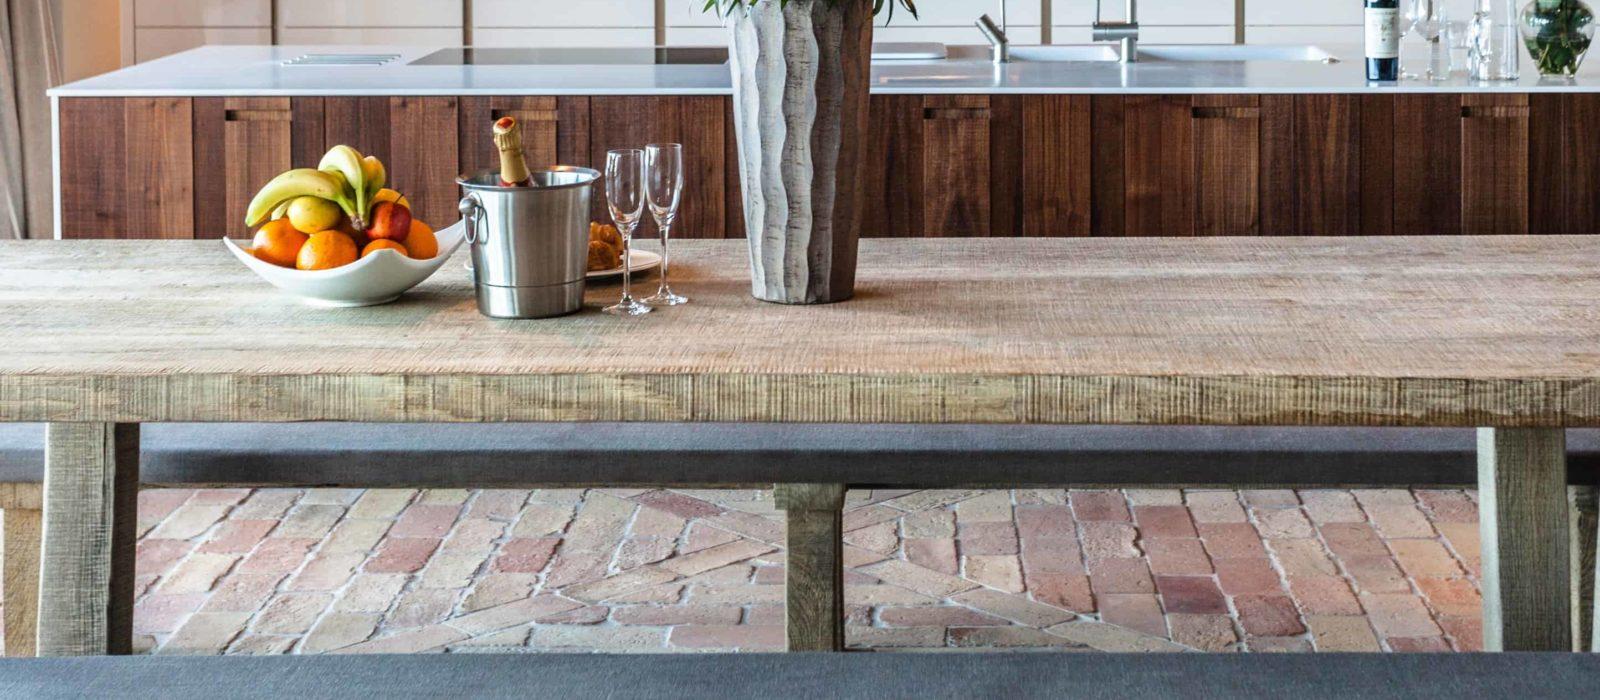 brick floor tiles in kitchen